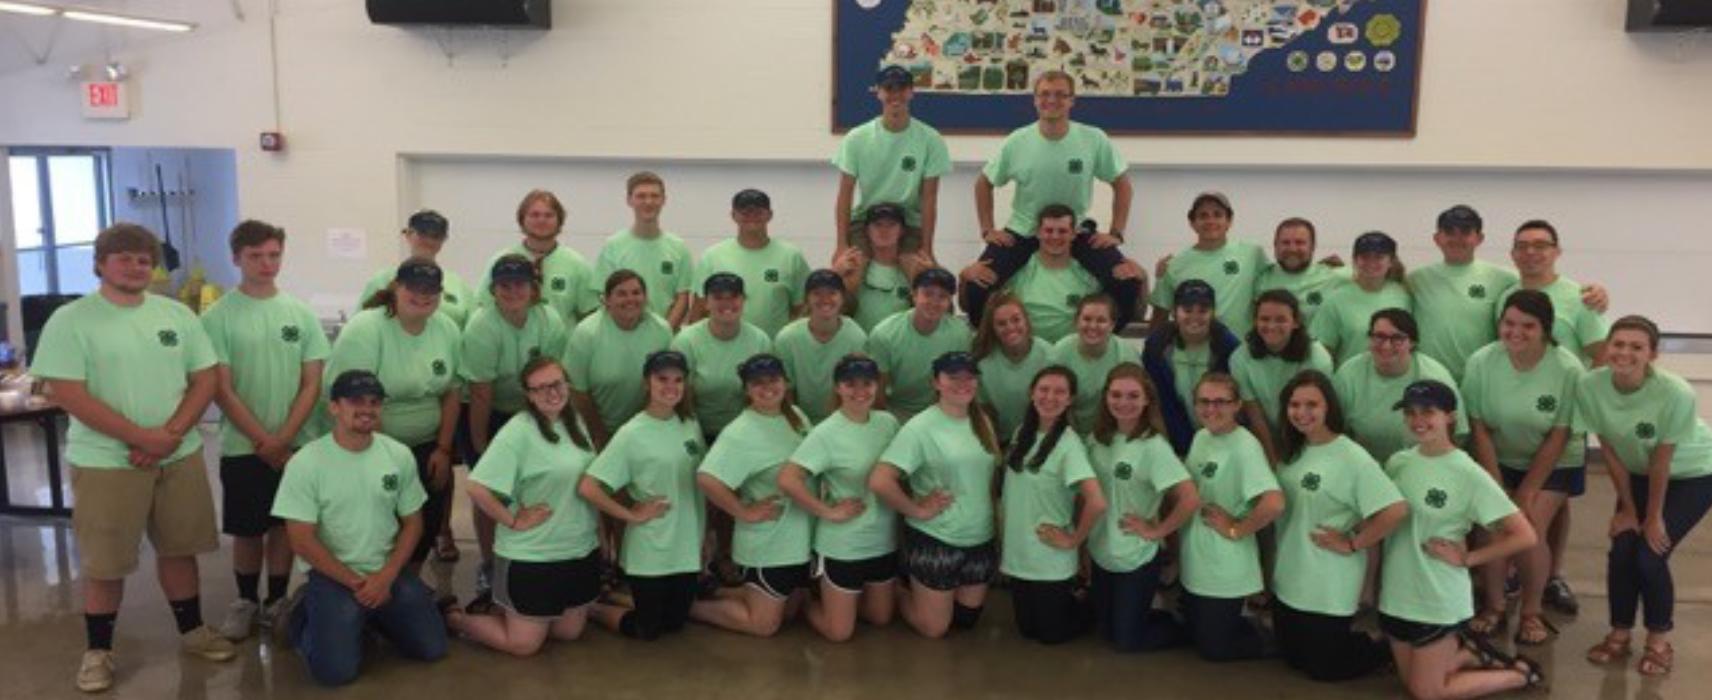 4-H Camp Staff